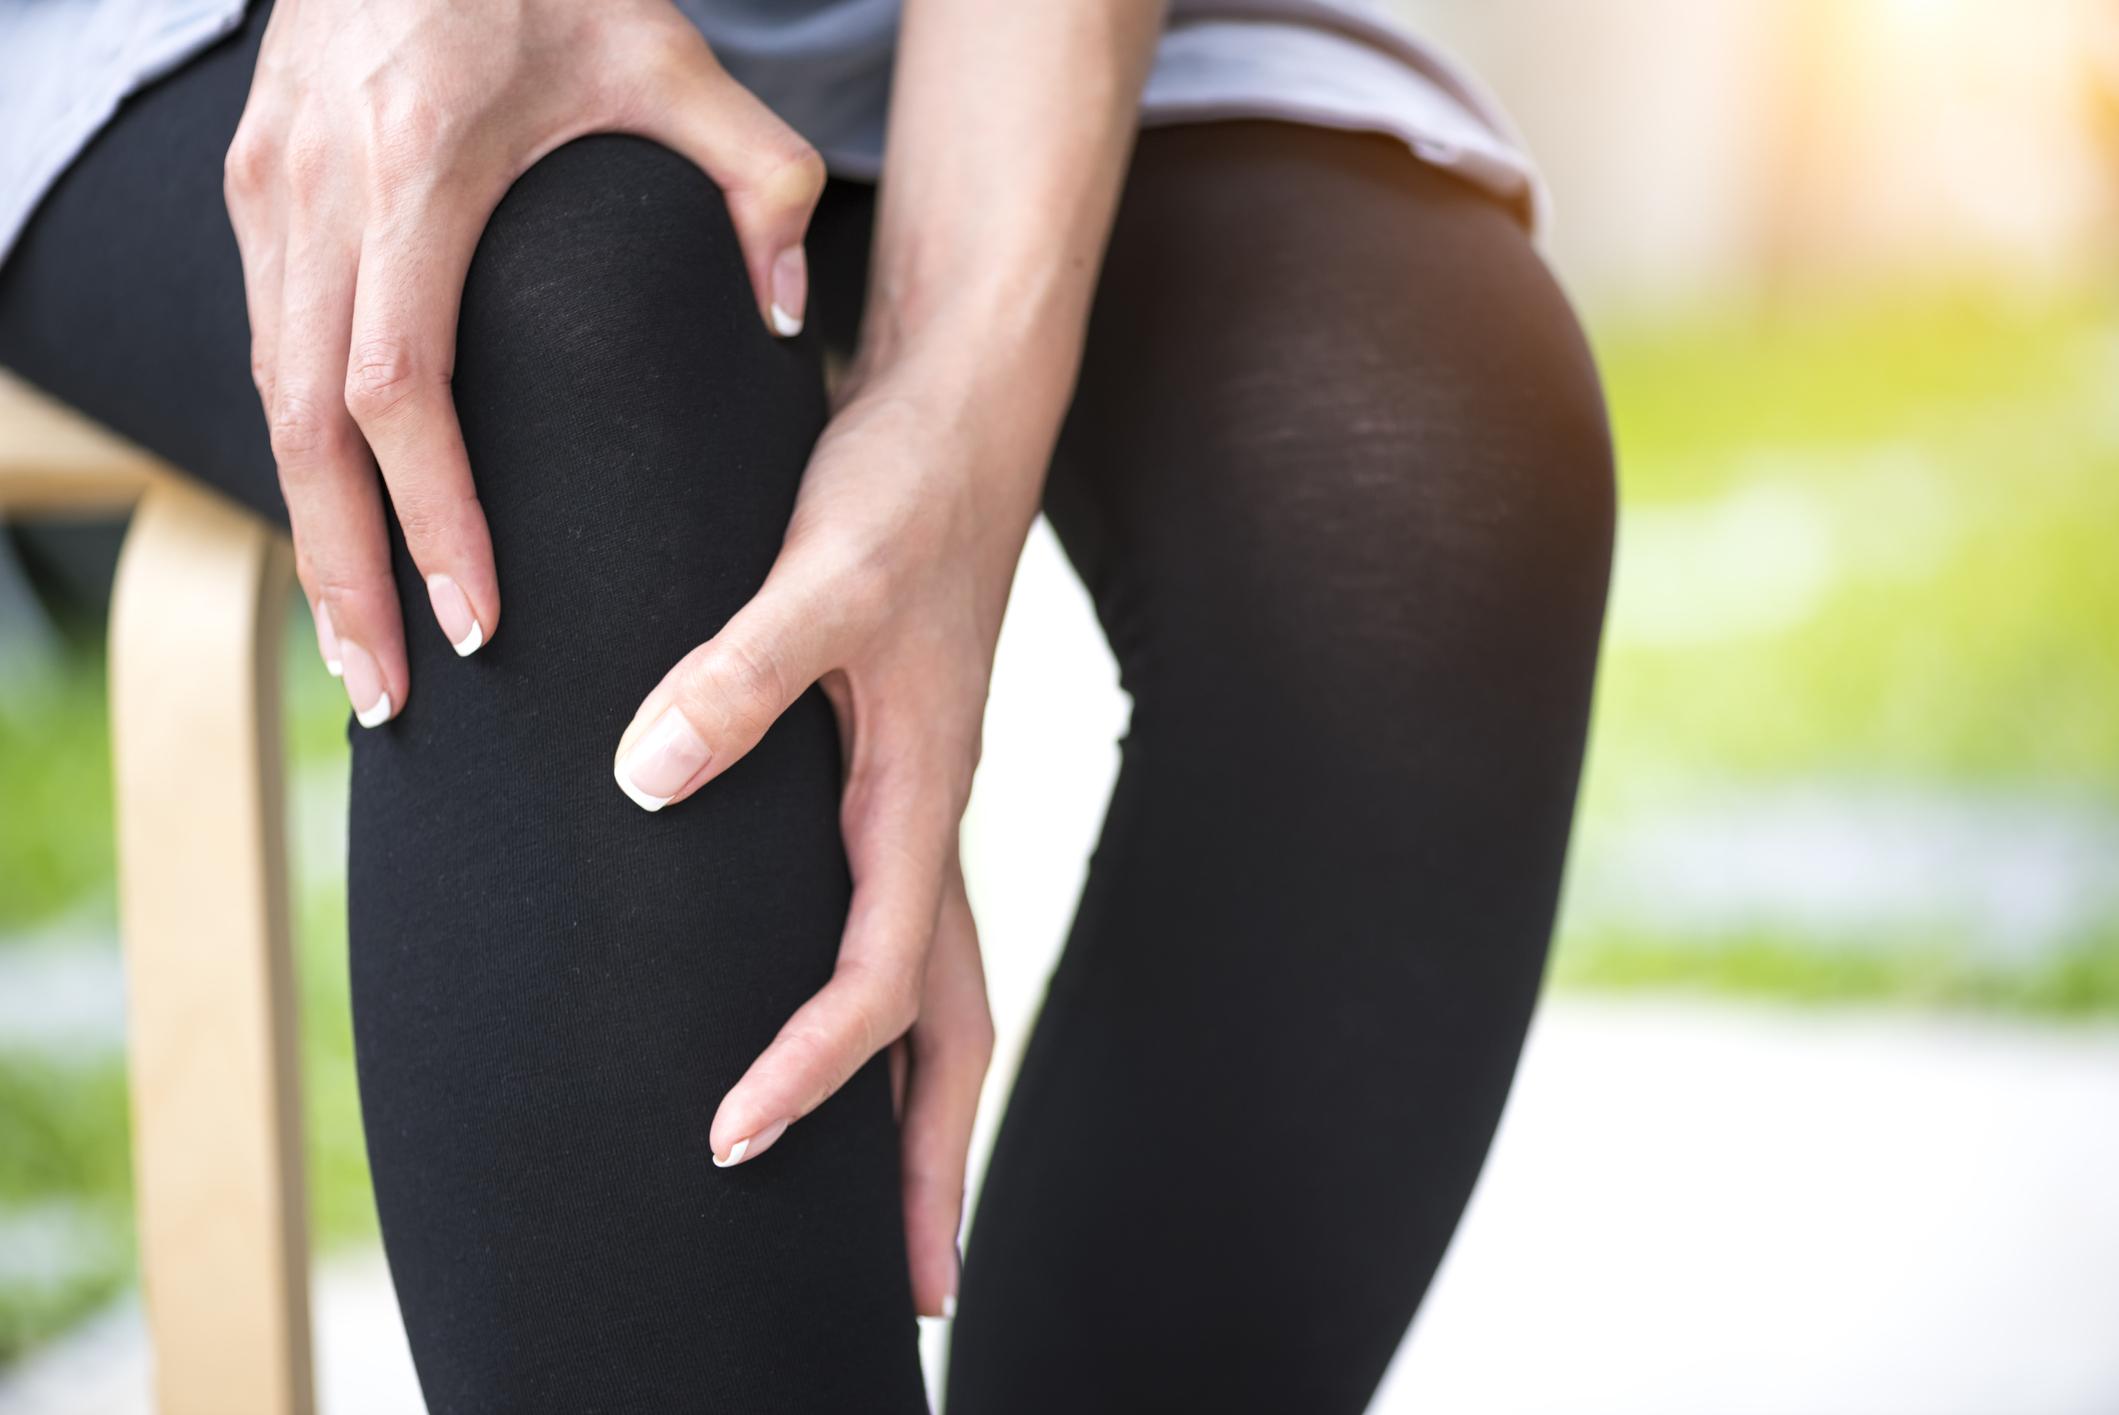 Sebészeti dermatitisz és ízületi fájdalmak